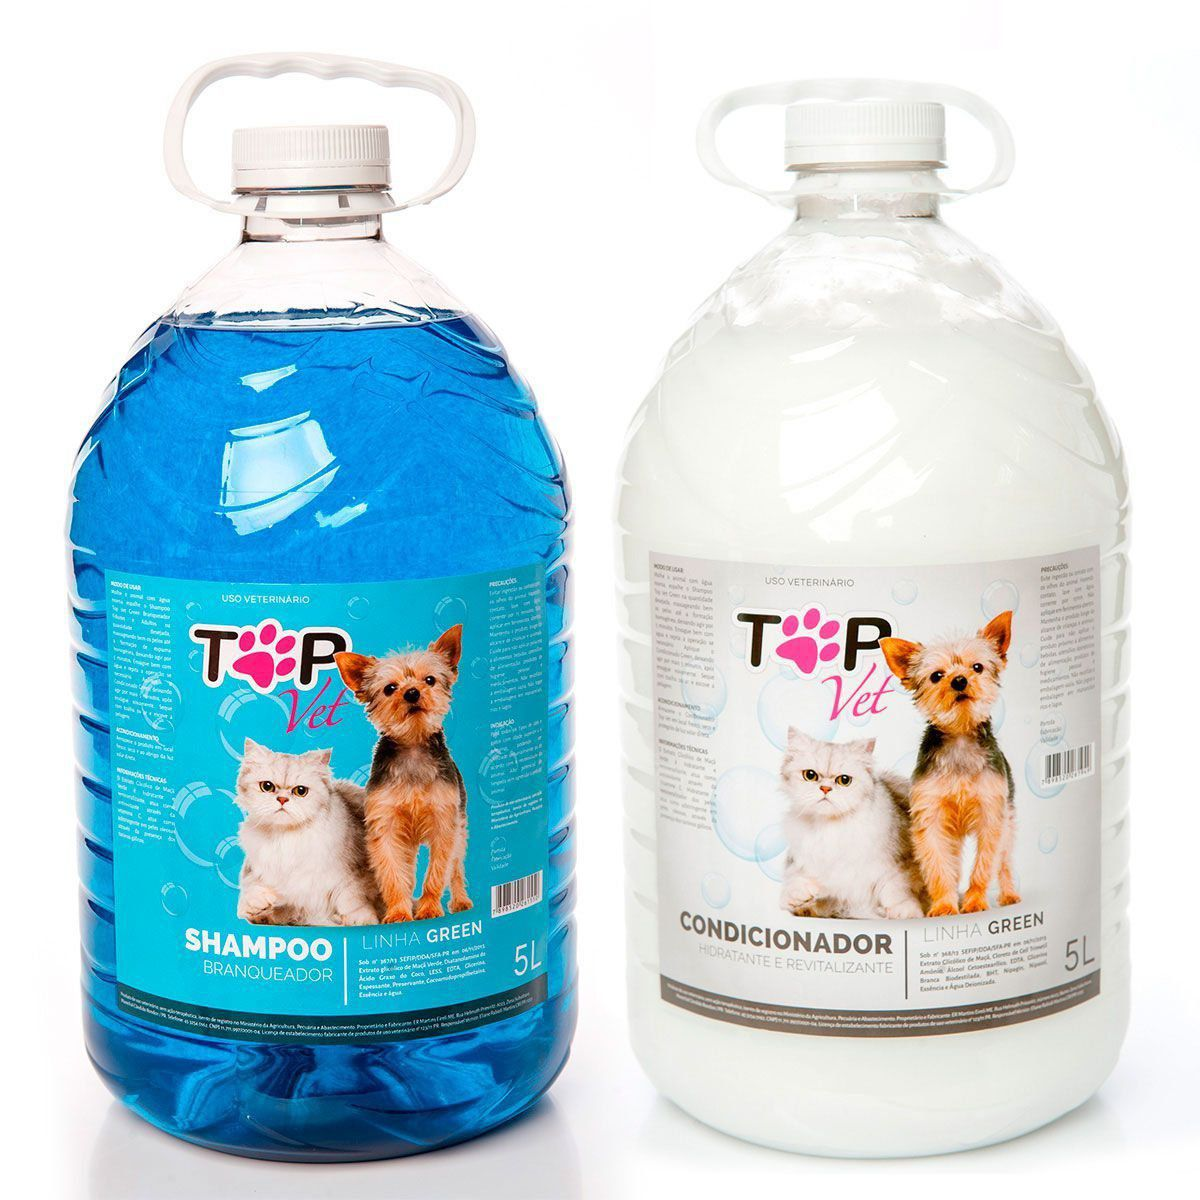 Kit Shampoo Branqueador e Condicionador Green Top Vet